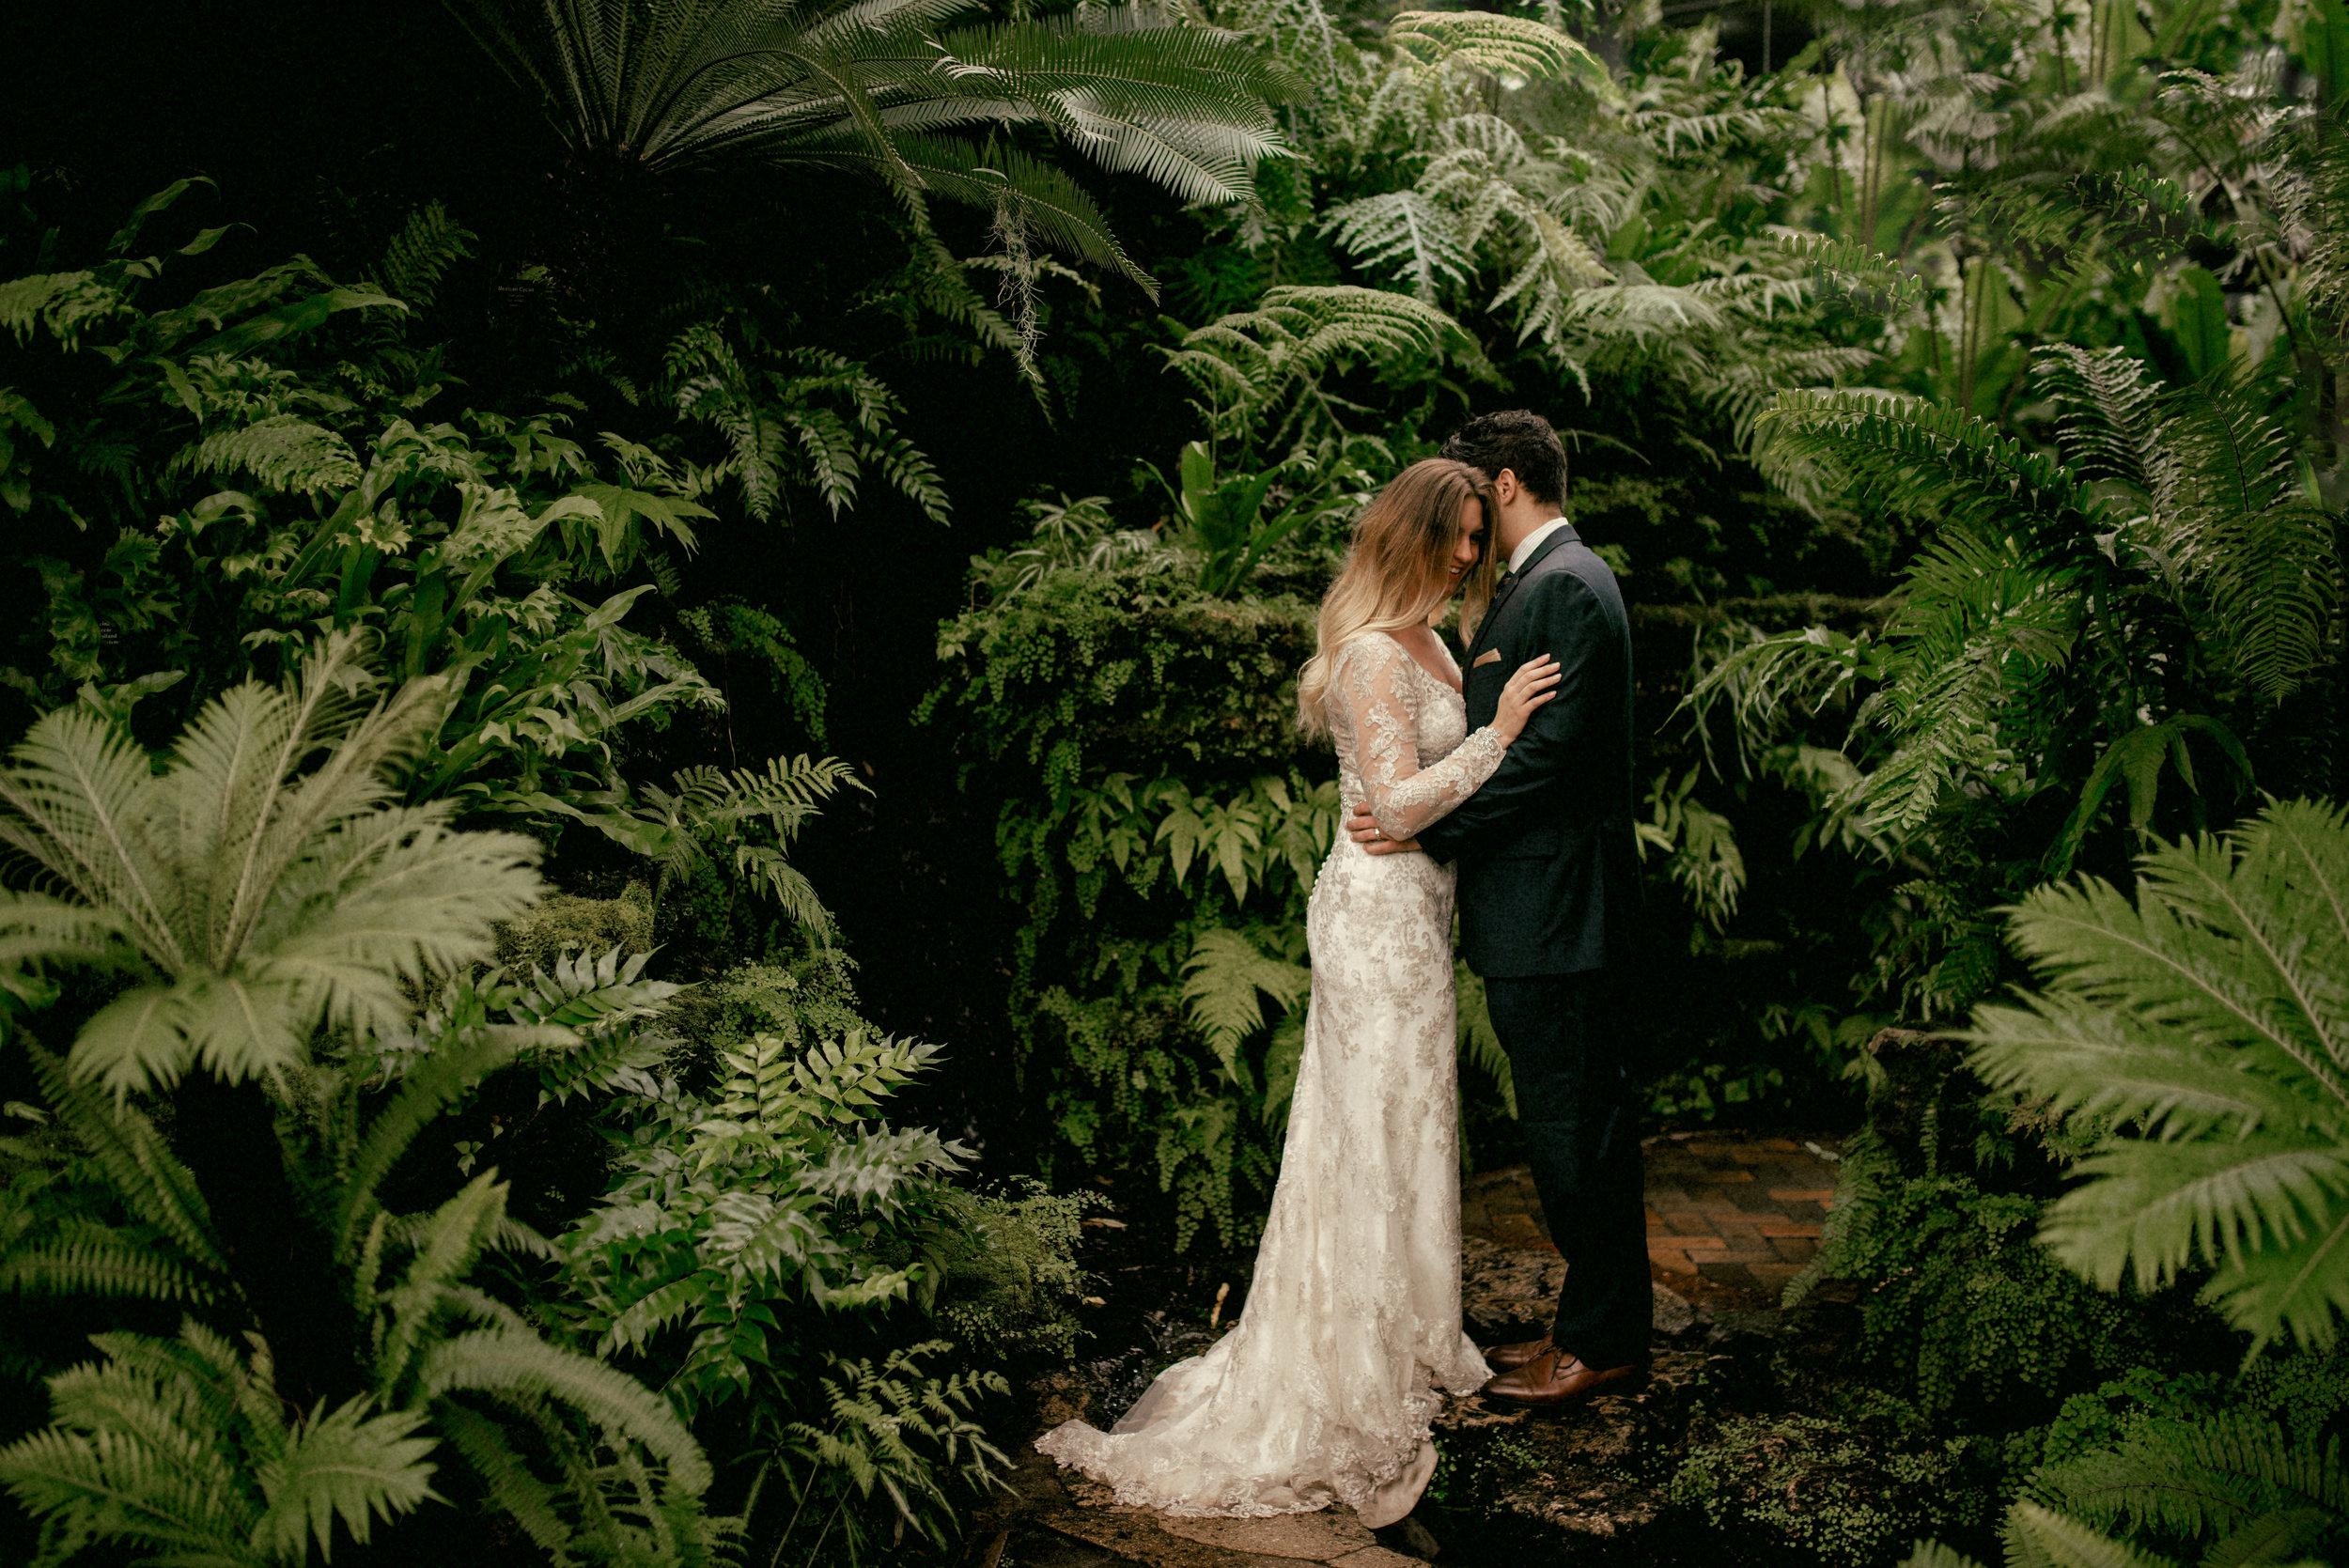 garfield park conservatory chicago wedding 15